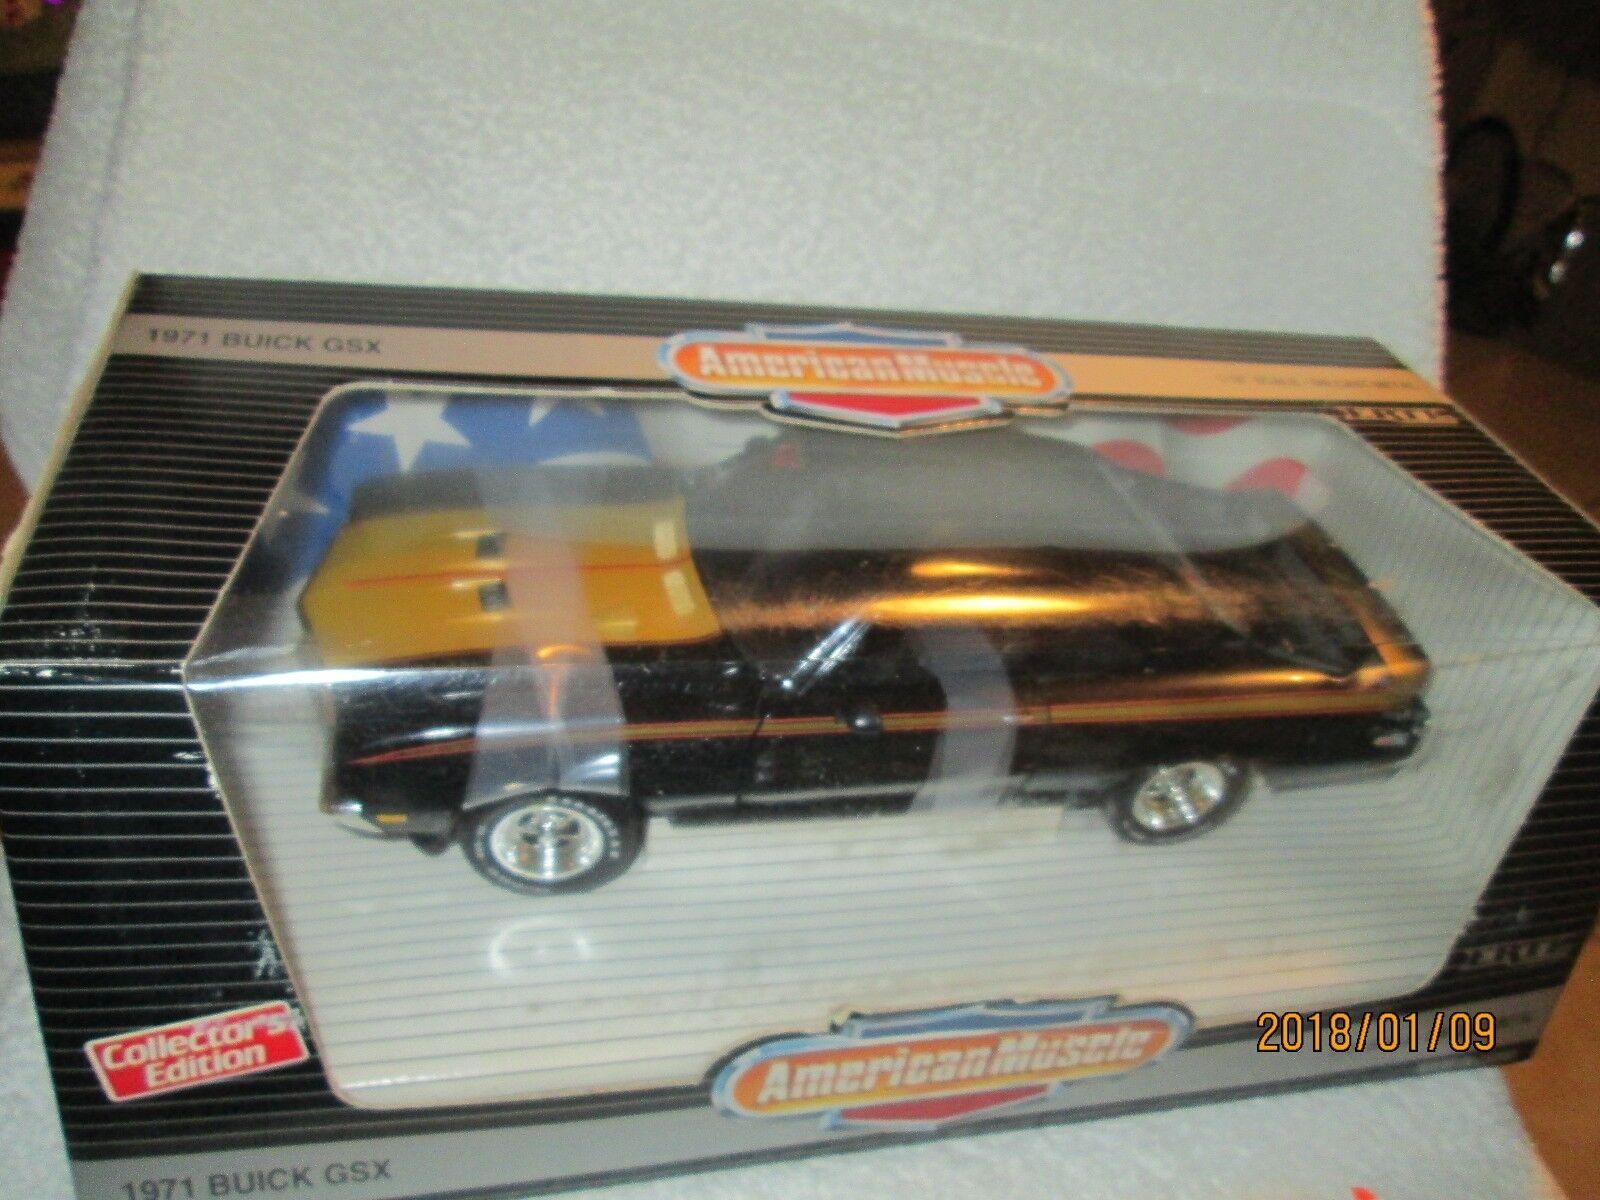 1971 Buick Gsx nero con oro American Muscle 1 18 Gran Deporte Edición Limitada